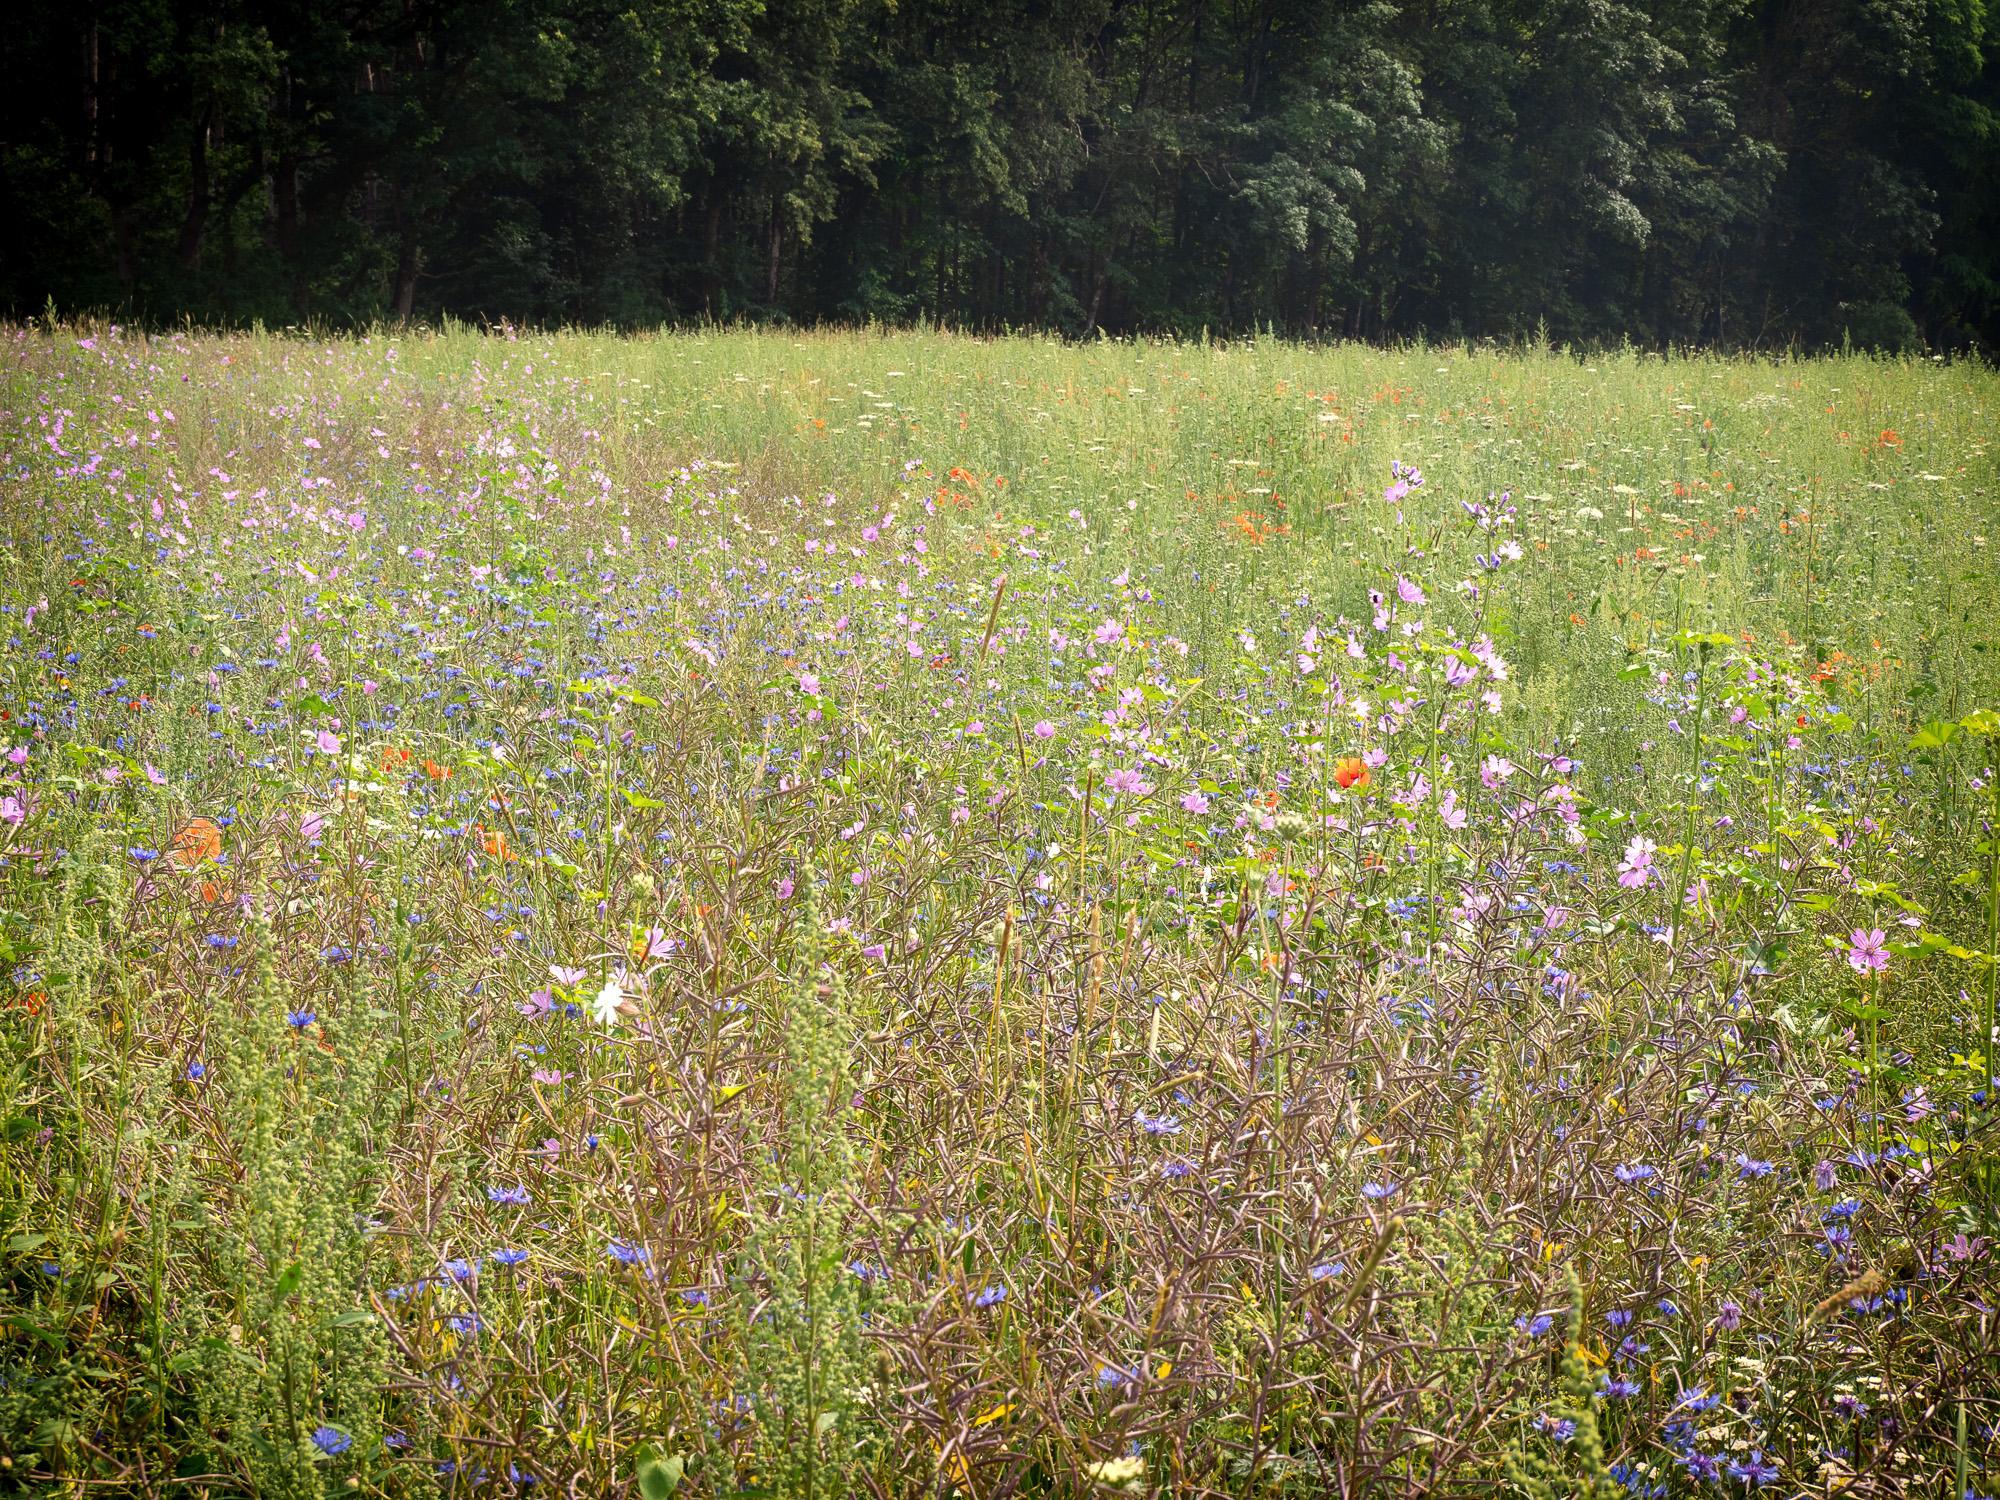 Streifen mit überwiegend Kornblumen und Malven hochwüchsig